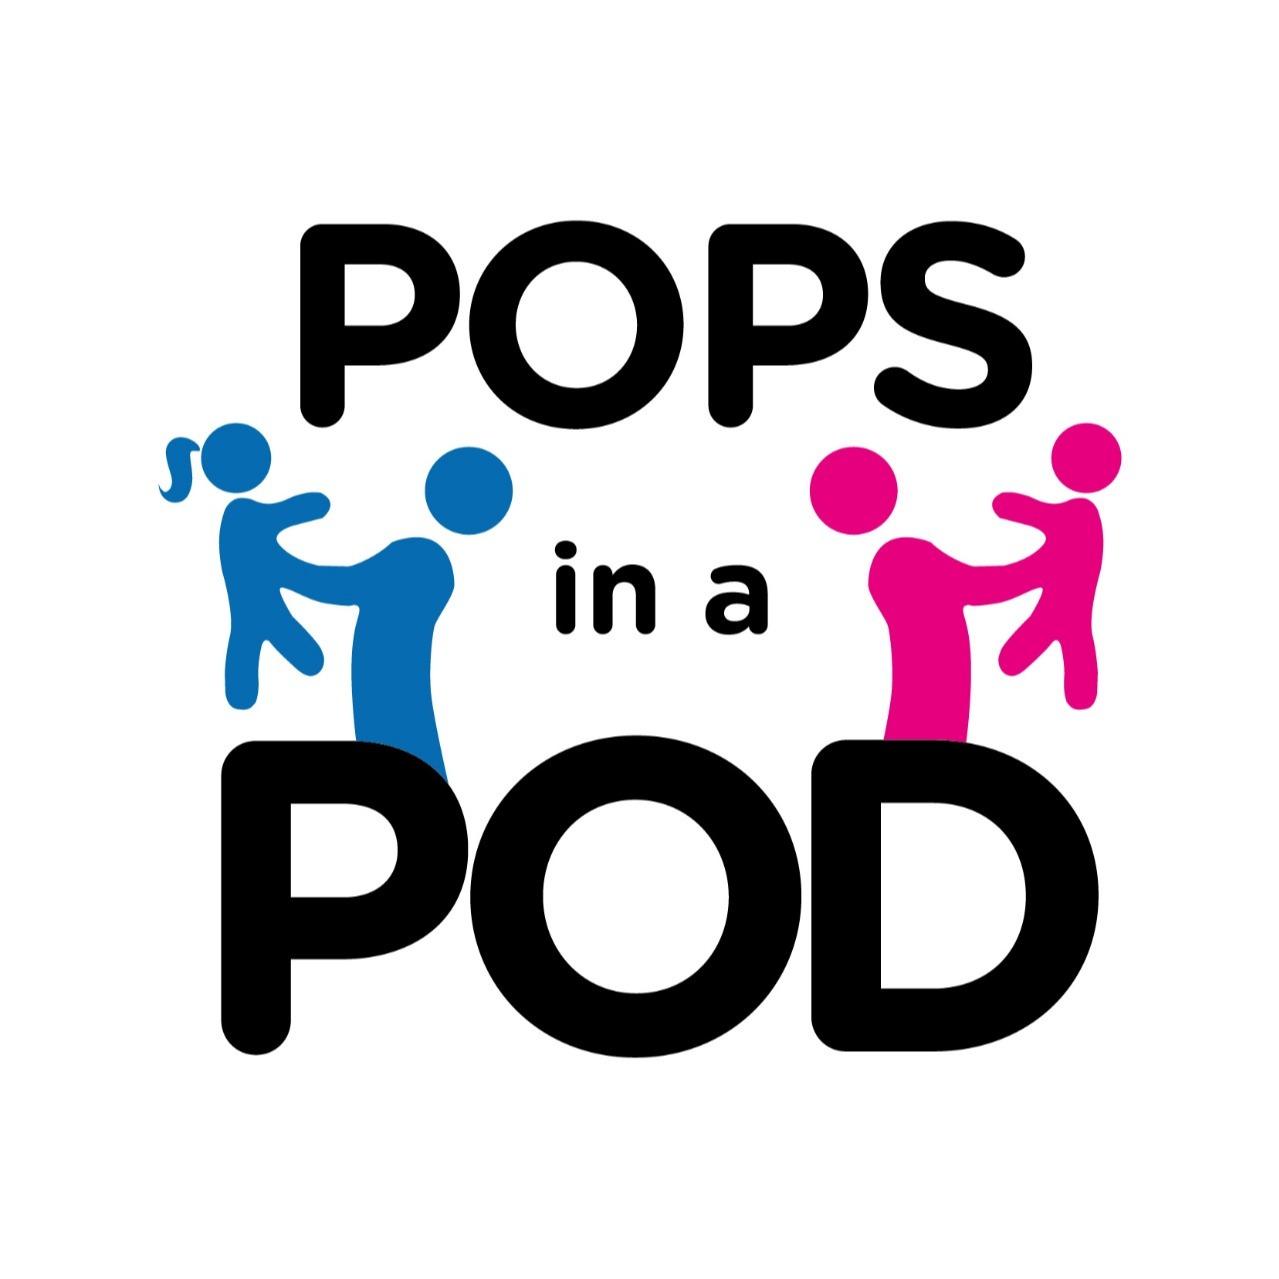 Pops in a Pod (popsinapod) Profile Image | Linktree